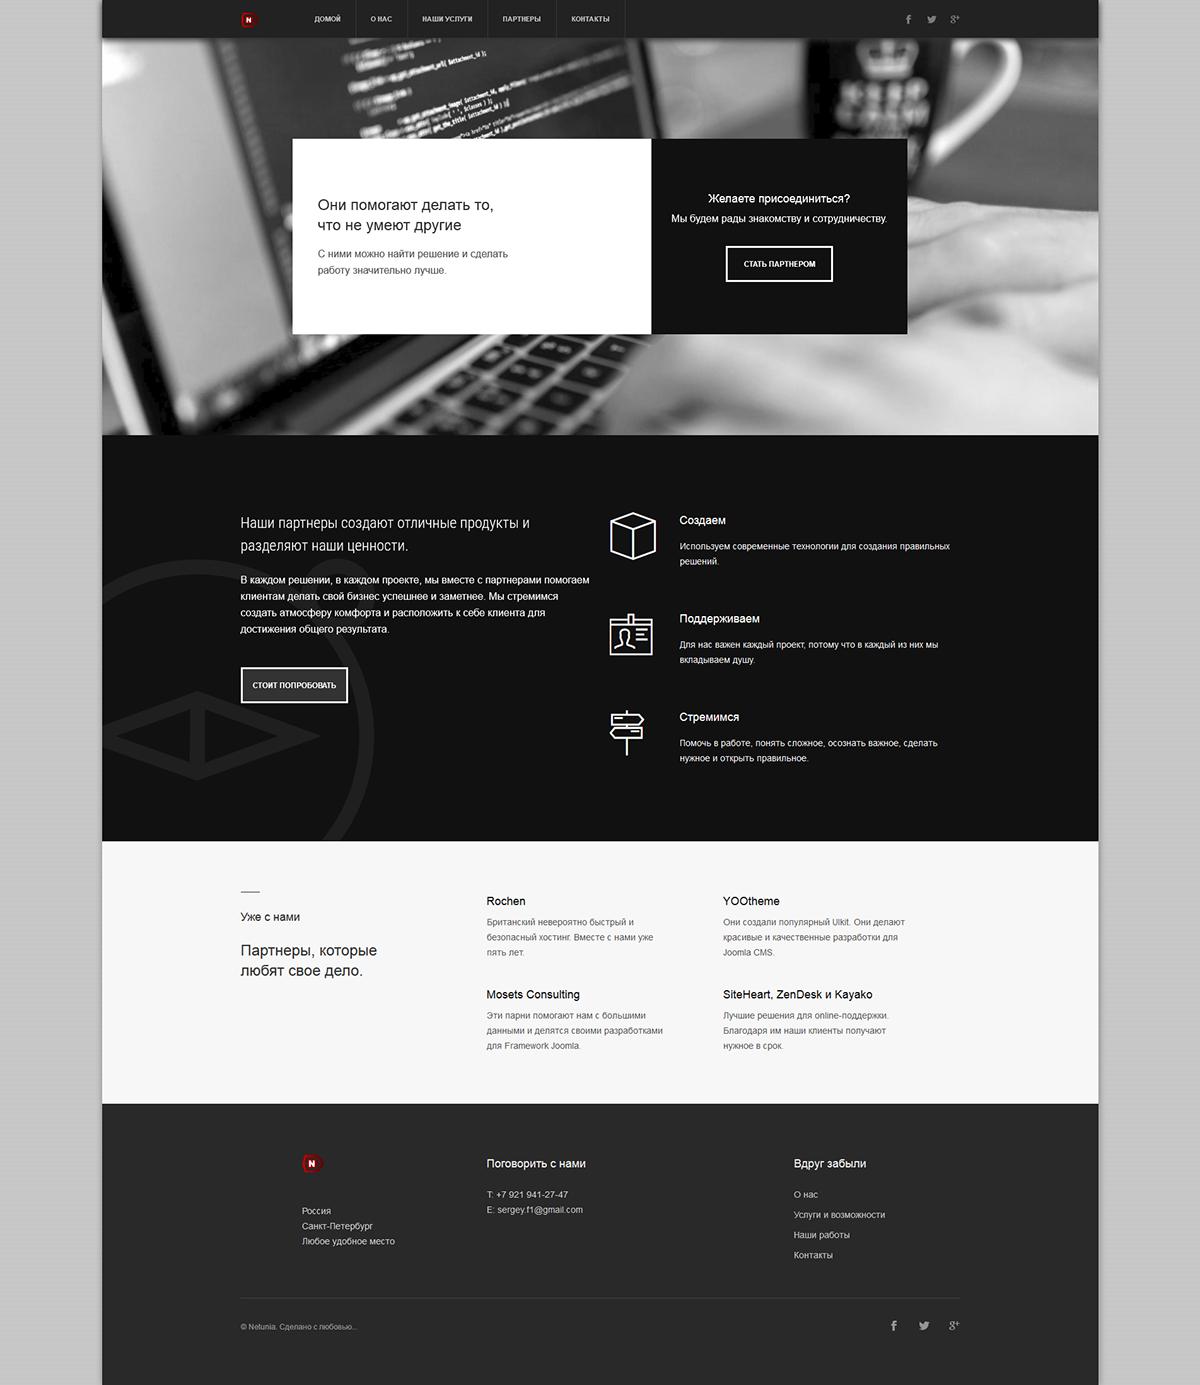 мобильный сайт красивый сайт веб дизайн представительский сайт уникальный дизайн Сайт студии удобный сайт